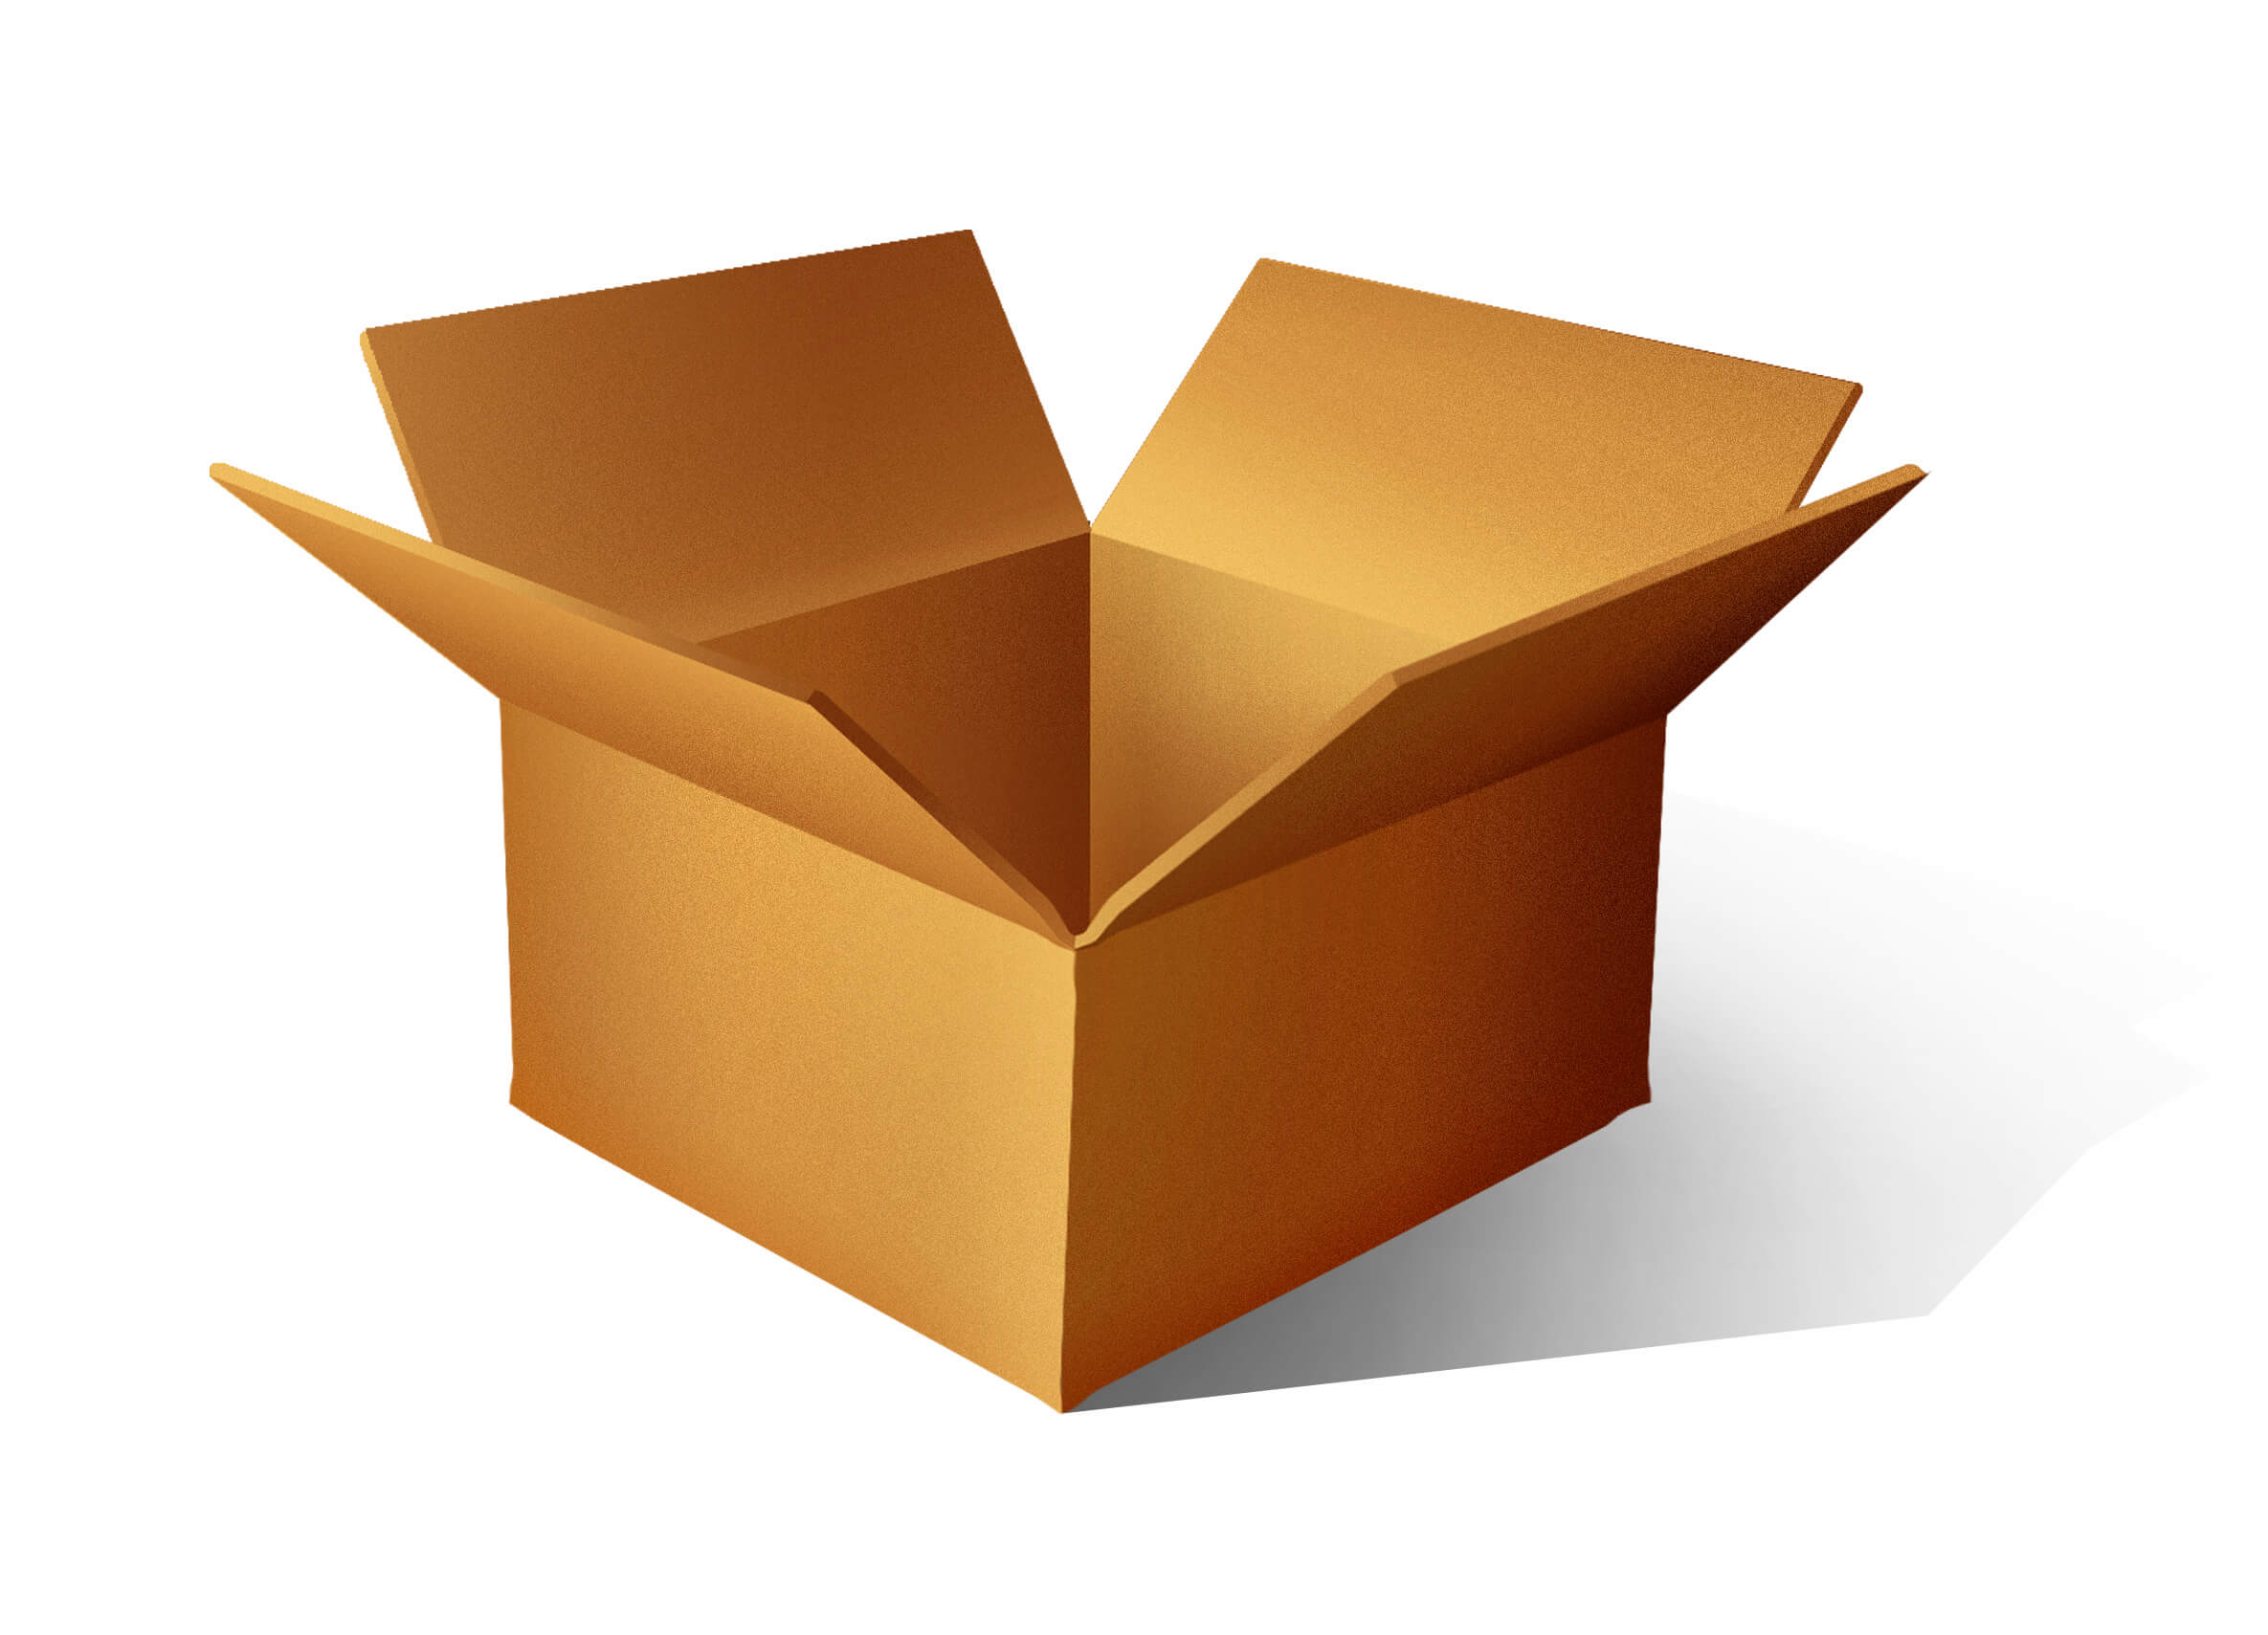 CardboardBox_000000143497Md.jpg